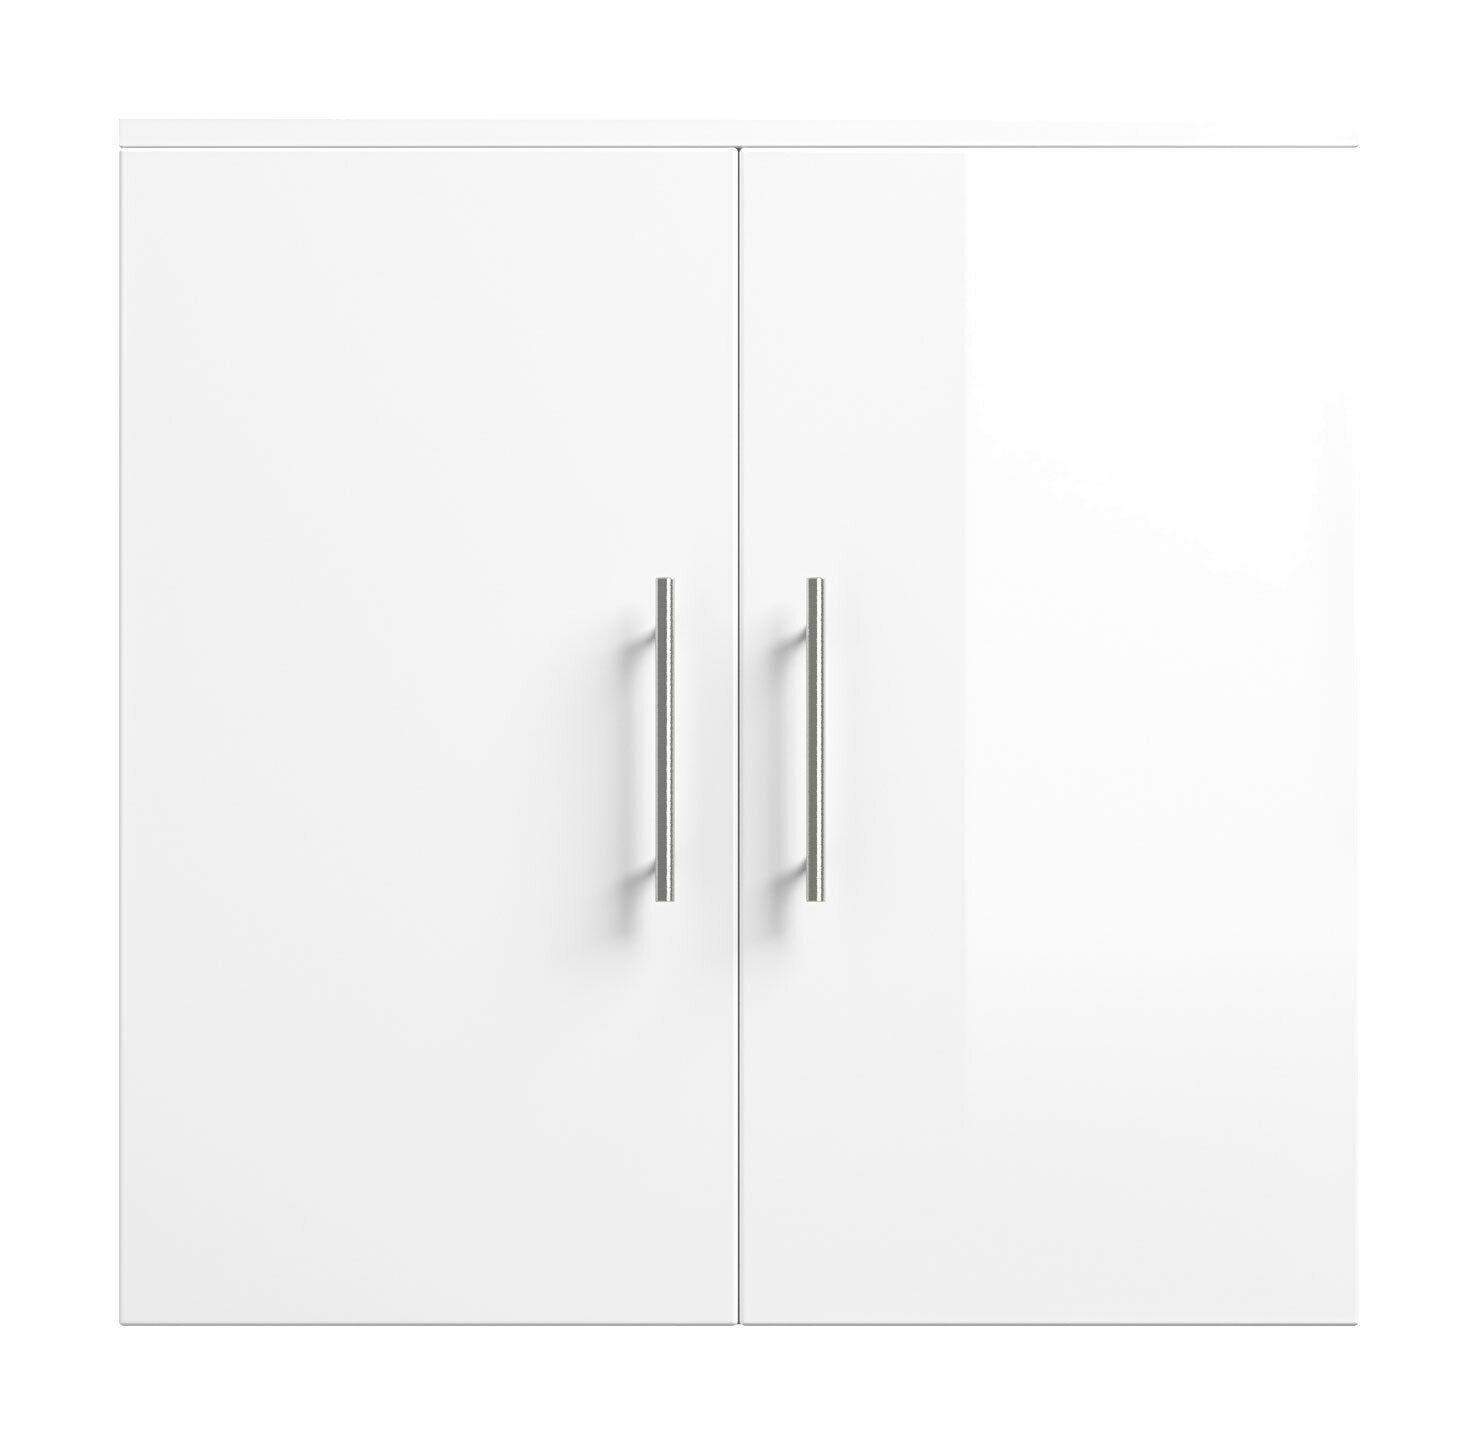 Badezimmer Hangeschrank Oberspind Wandschrank Medizinschrank Posseik Salona Weiss Ebay In 2021 Spind Badezimmer Hangeschrank Wandschrank